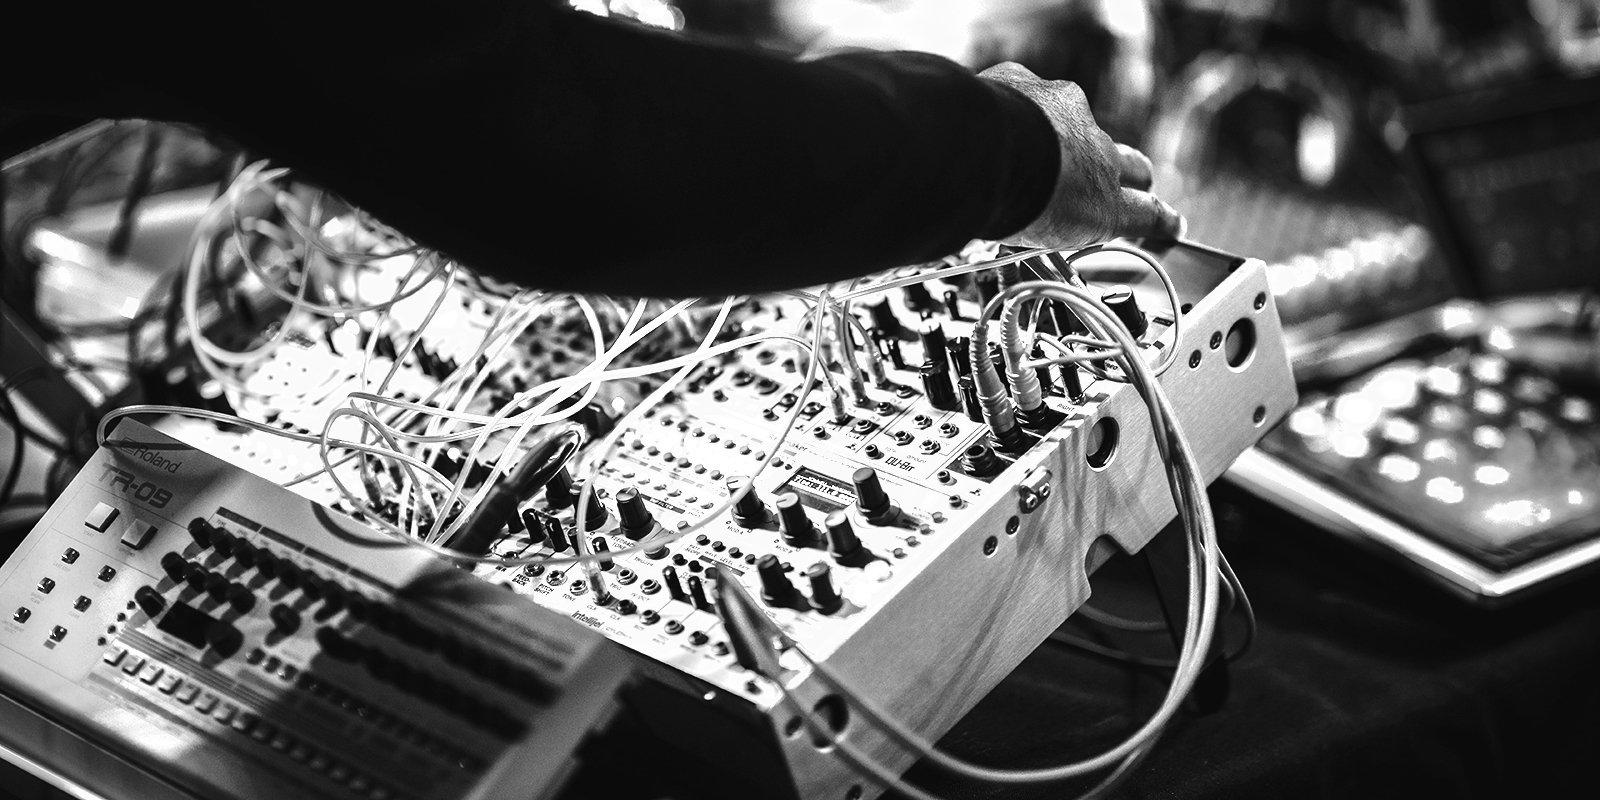 Ecosistema digital de la música